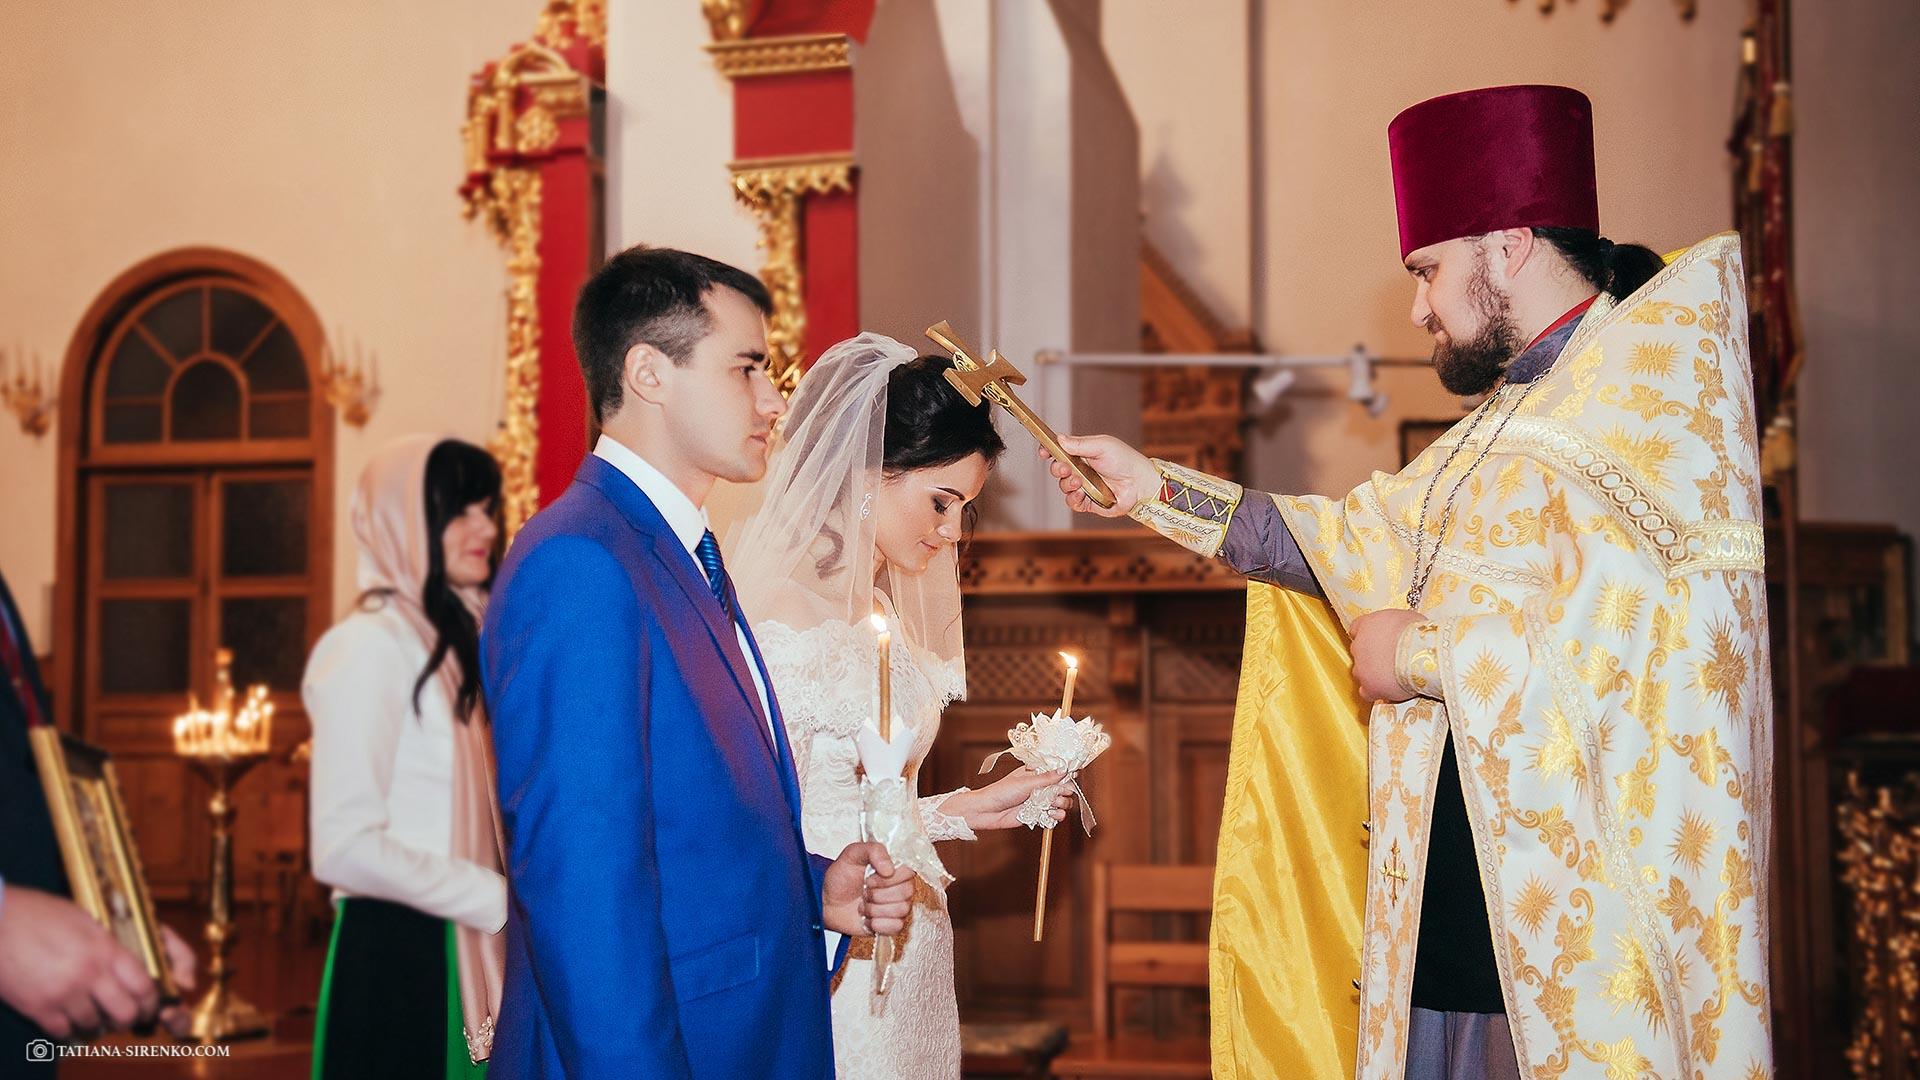 Можно ли беременной женщине венчаться в храме